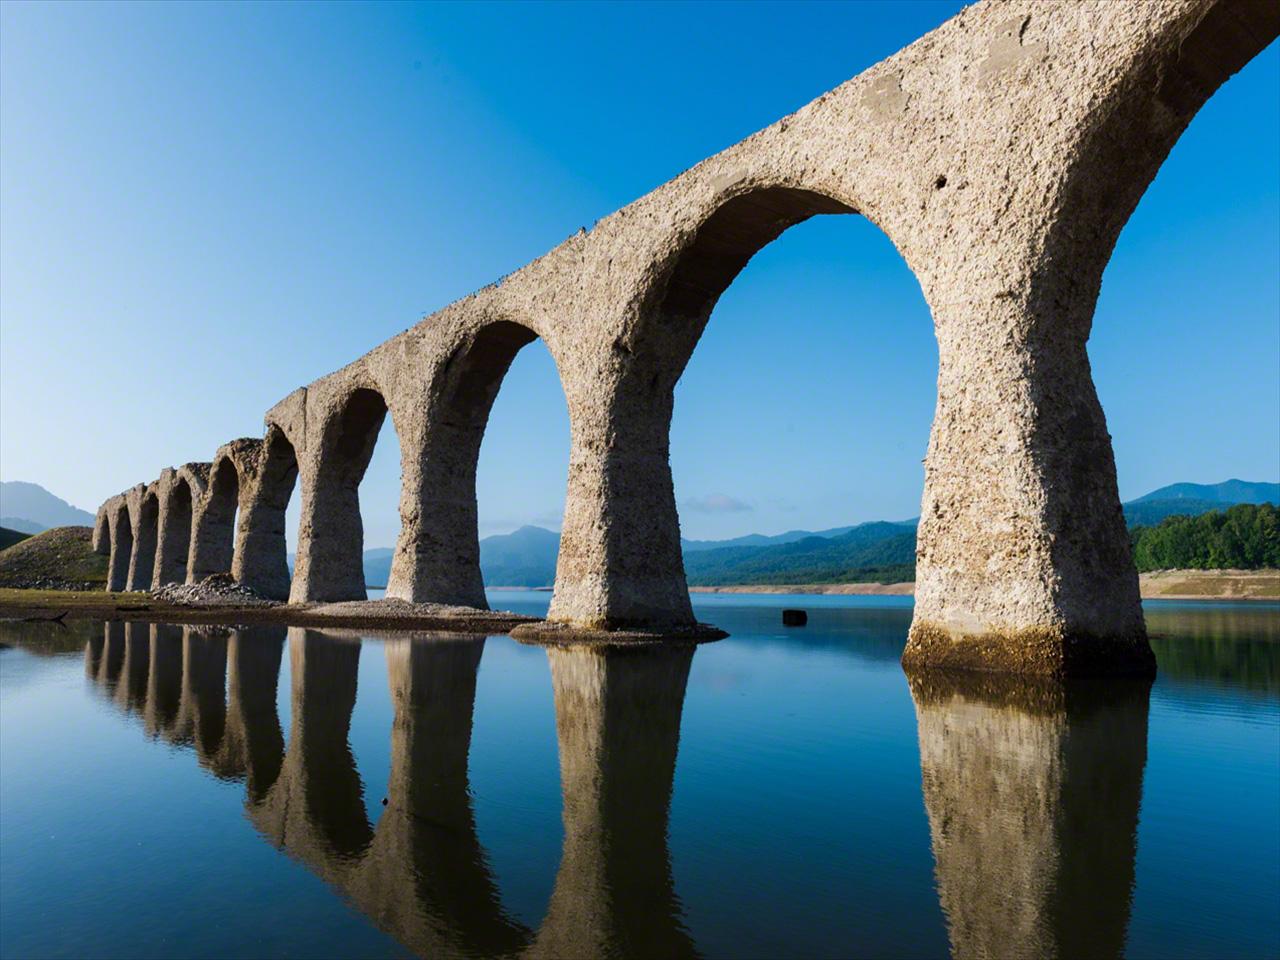 """Julio. El puente en arco se refleja perfectamente en la superficie del lago los días sin viento, por lo que también recibe el nombre de """"puente de las gafas""""."""